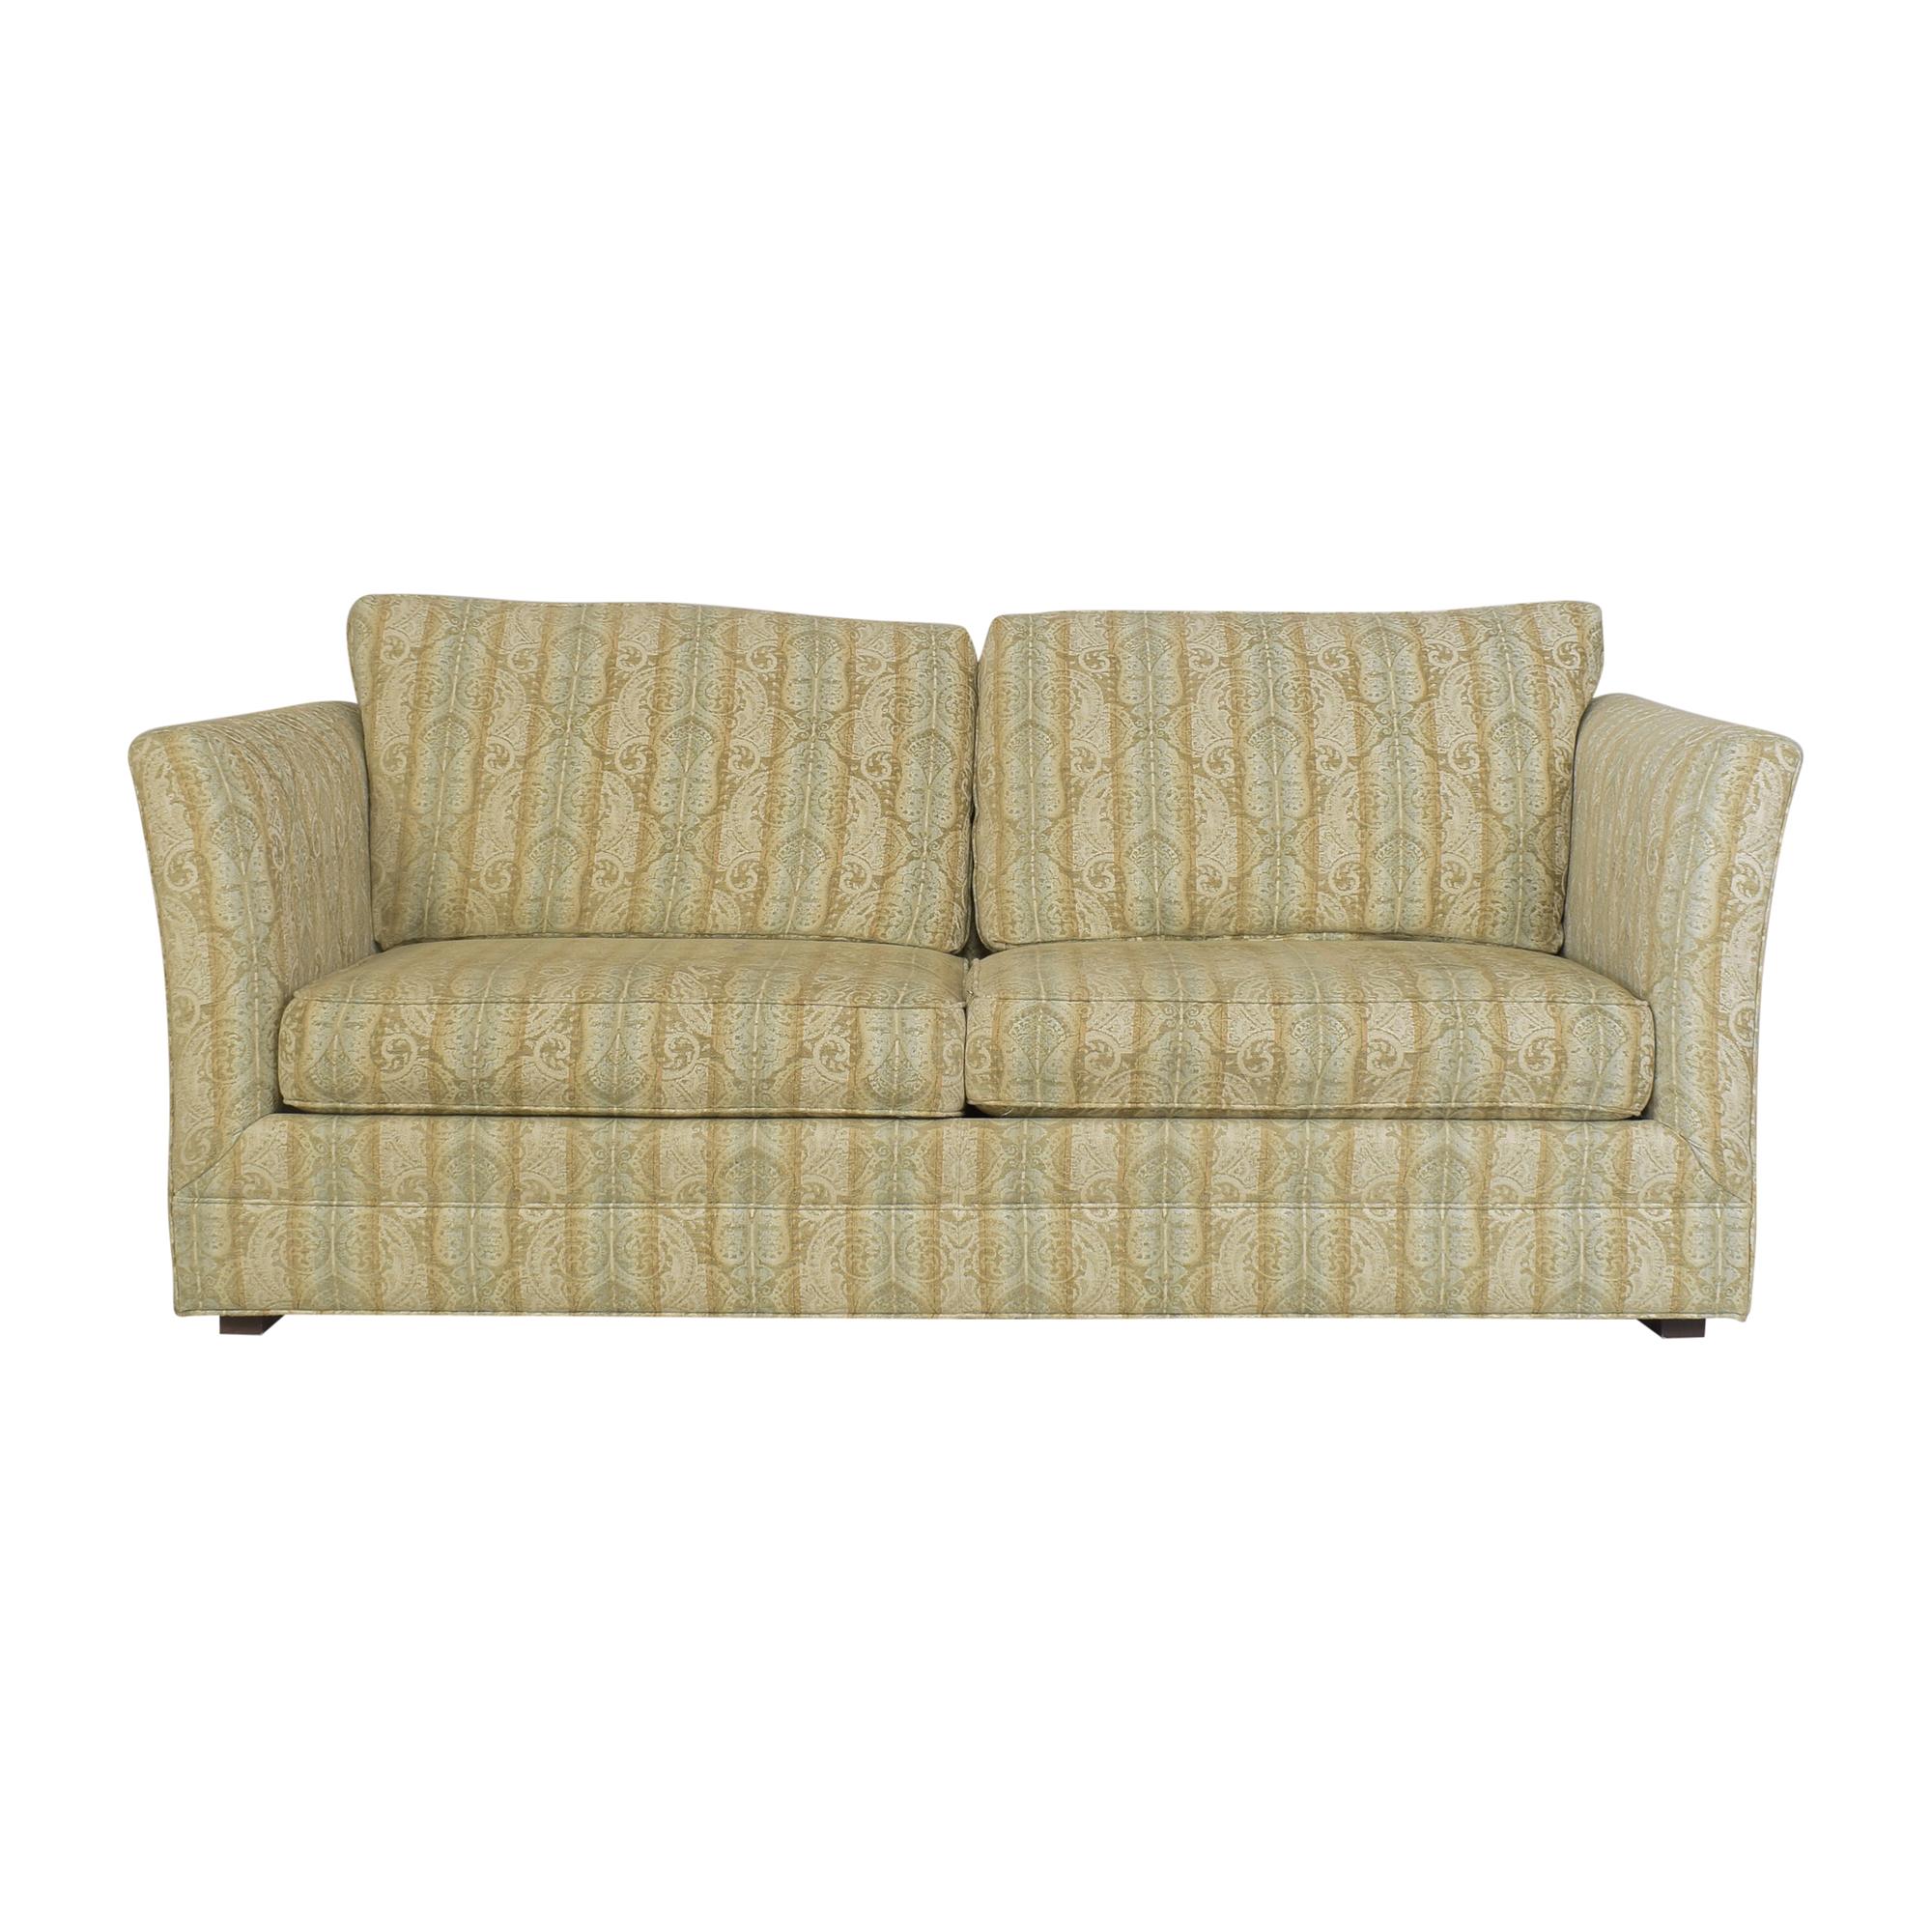 Harden Two Cushion Sofa sale